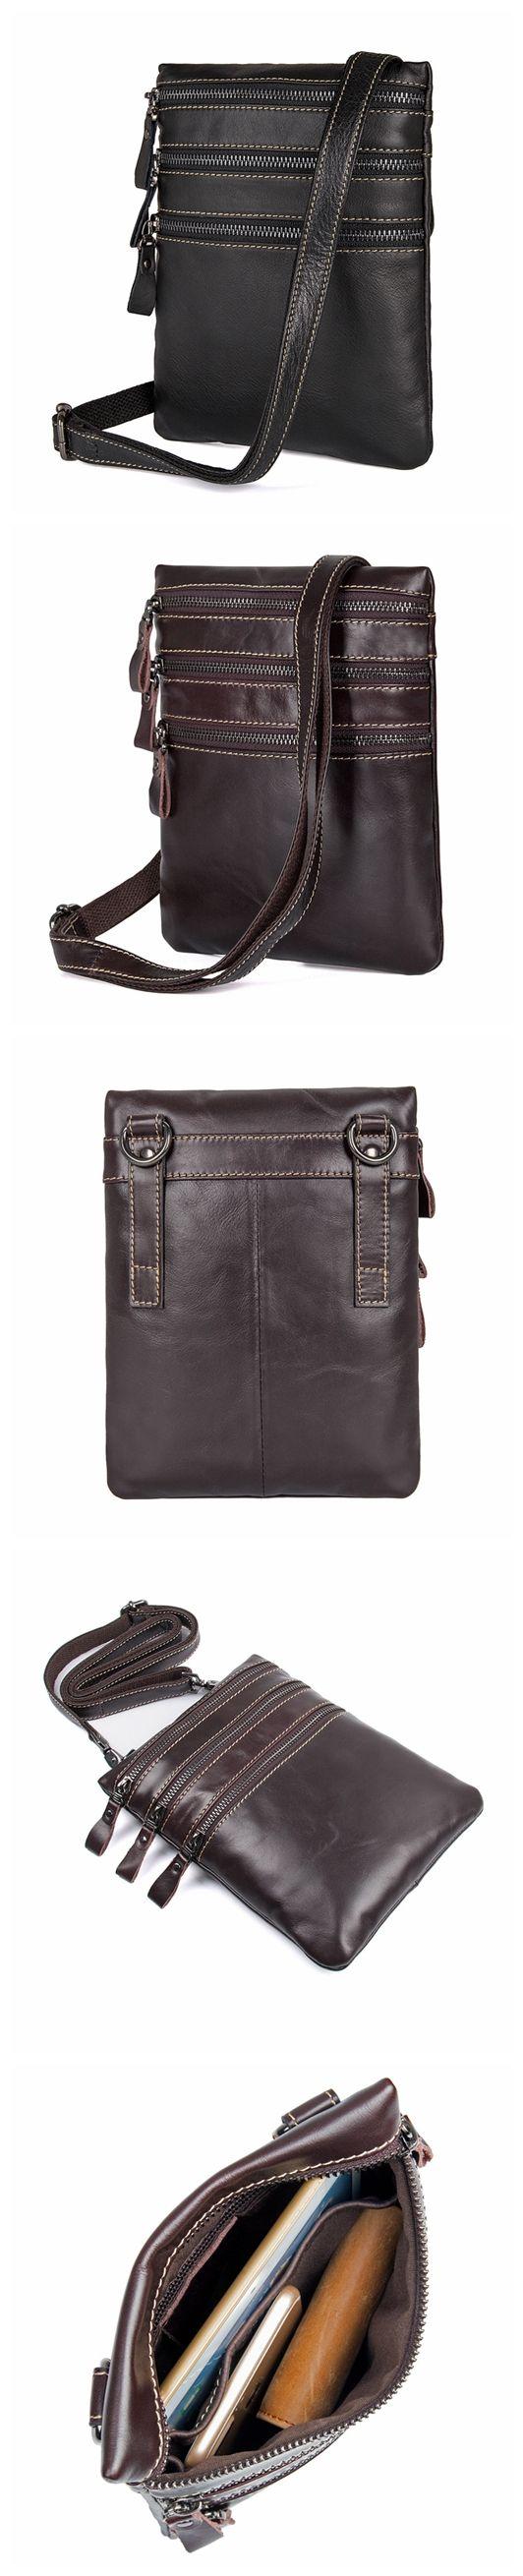 Vertical Messenger Bag Vintage Leather Messenger Bag Men Large Messenger  Bags 1034   Men Leather Messenger Bags   Pinterest   Leather messenger bags 7e44e1d503